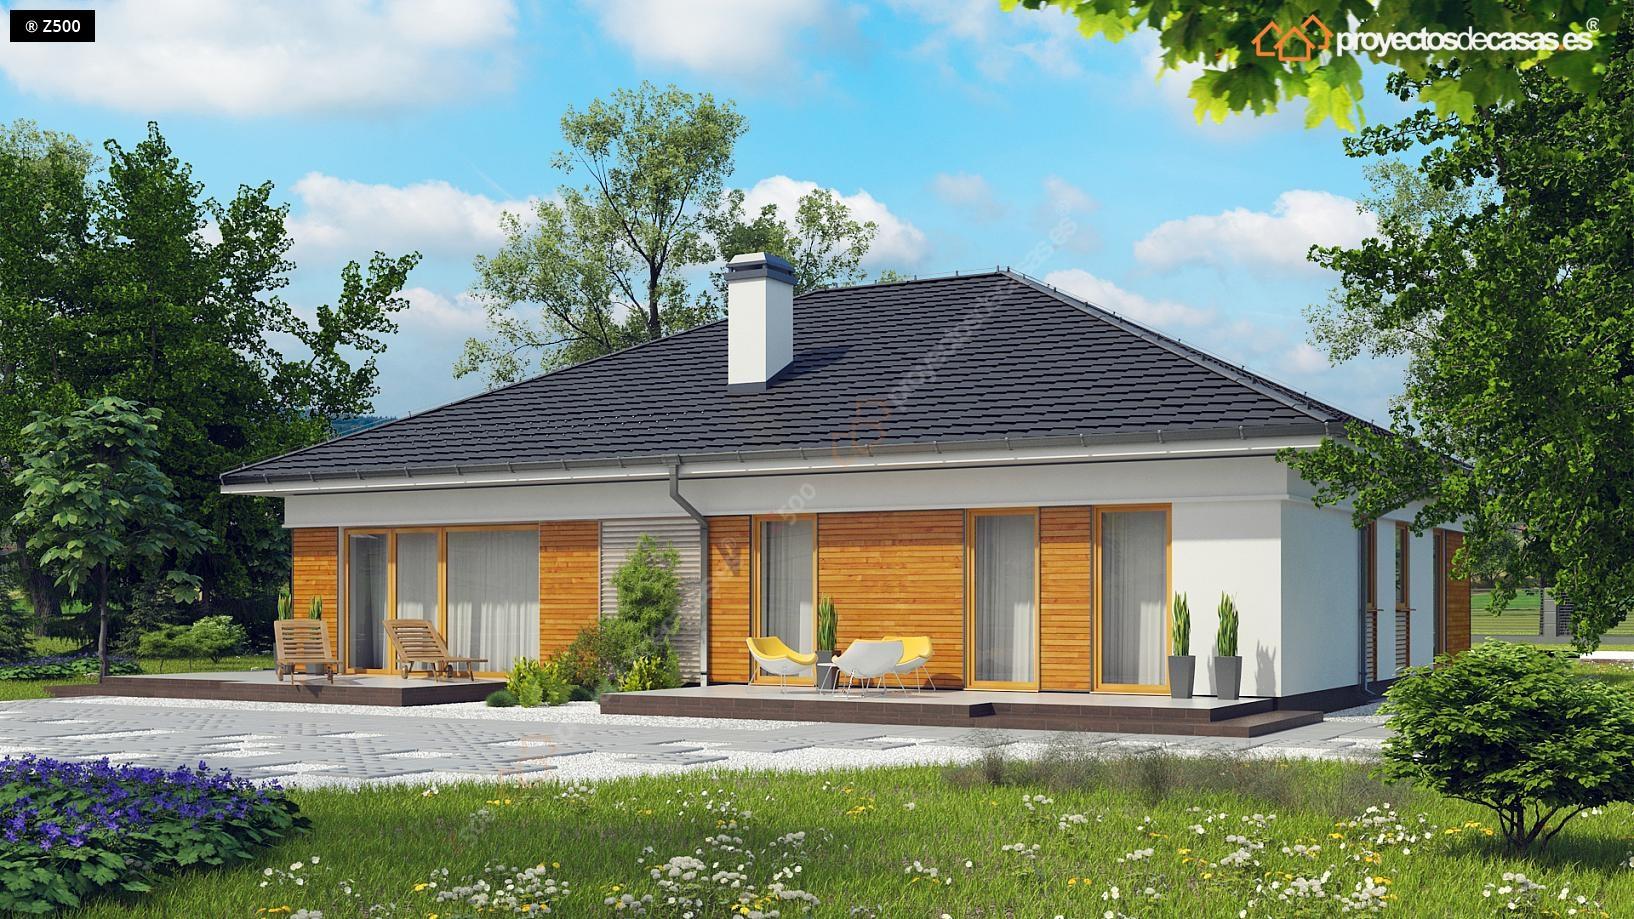 Proyectos de casas casa tradicional proyectosdecasas for Diseno chalet una planta